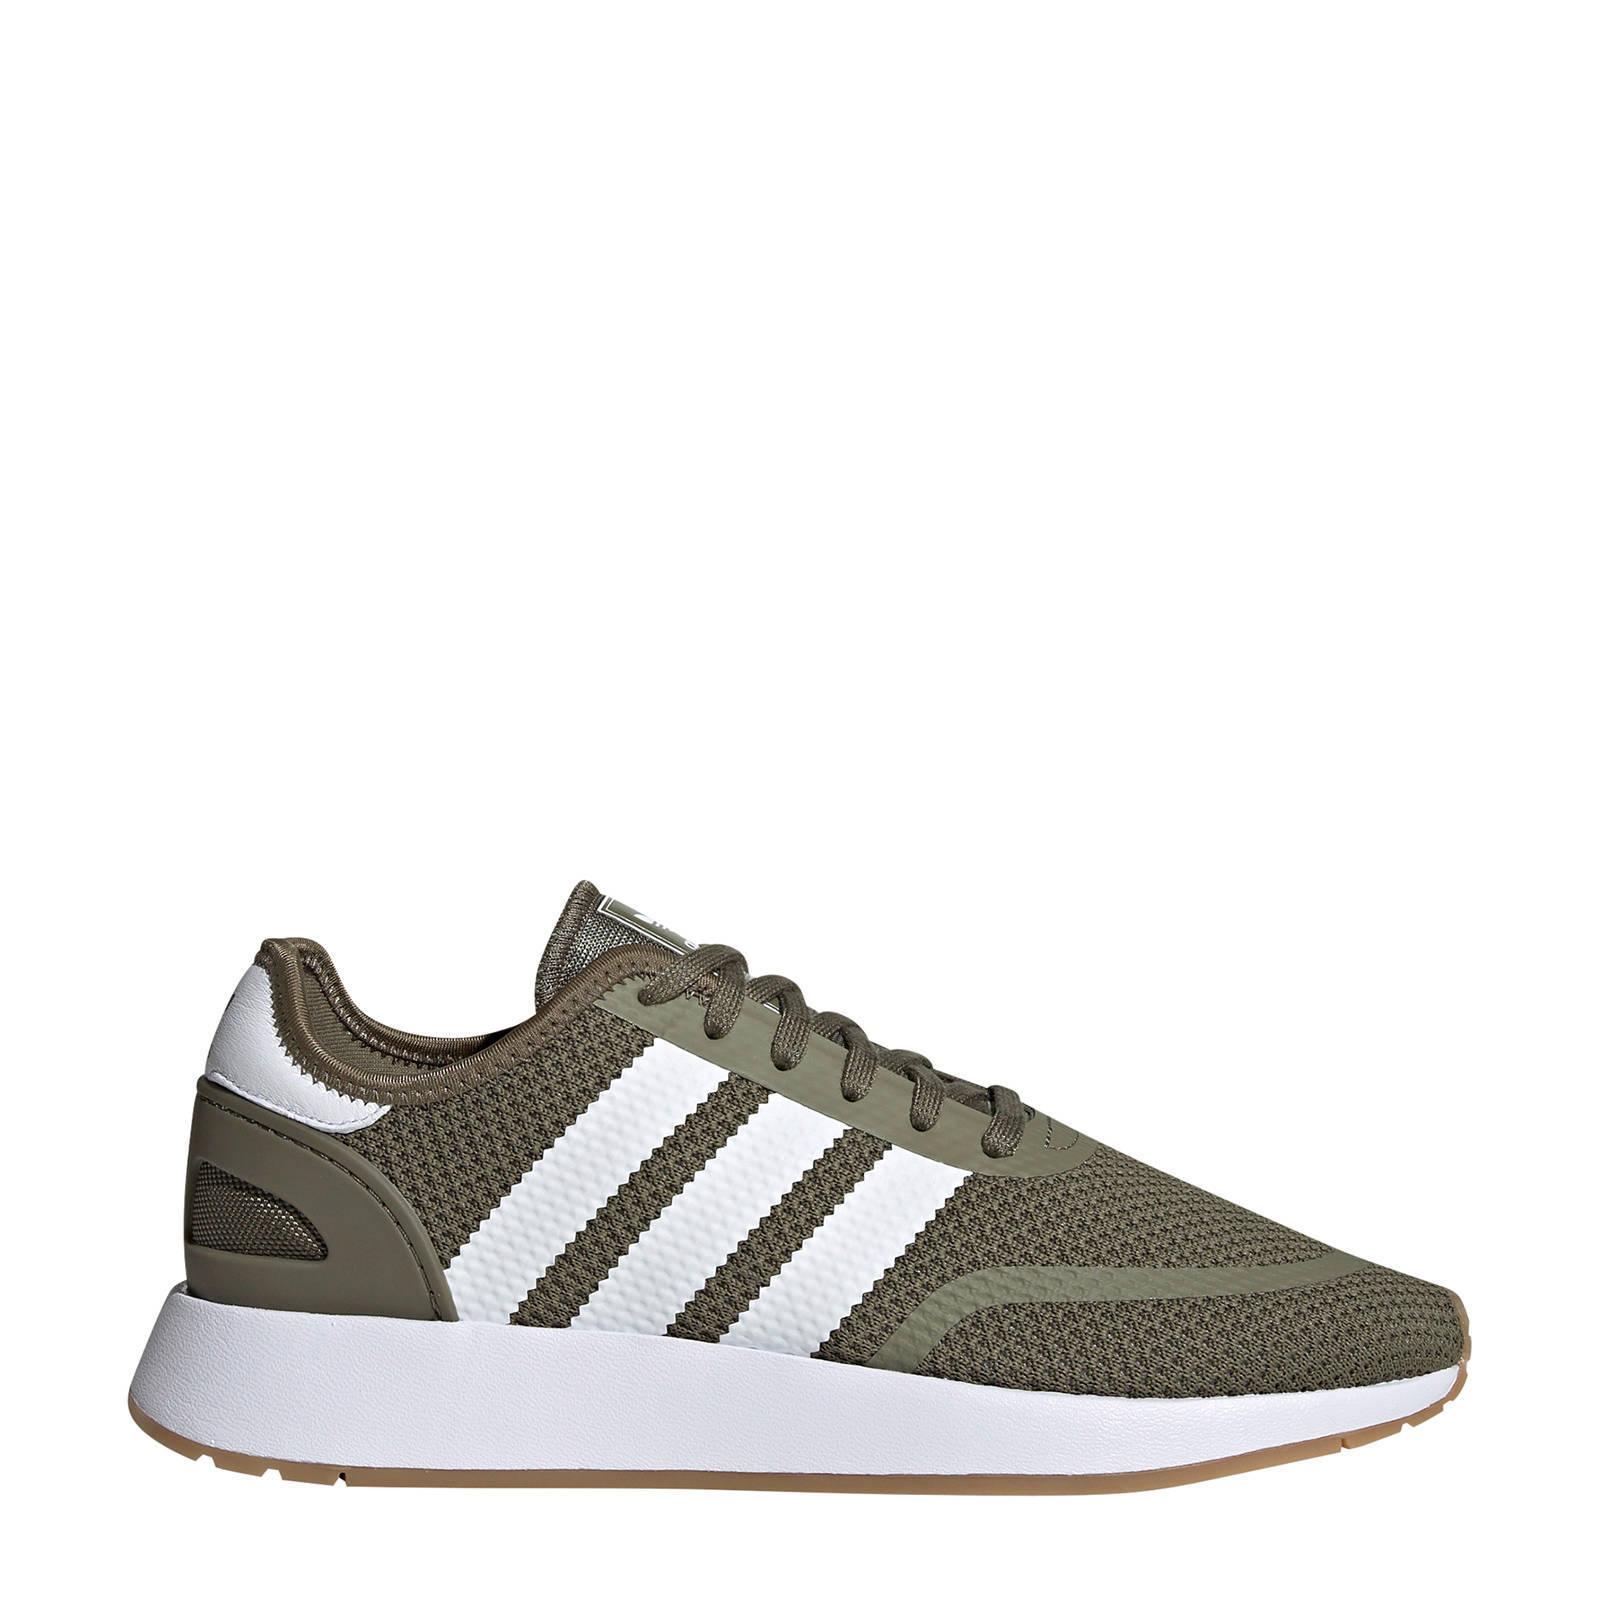 N-5923 J sneakers kaki/wit